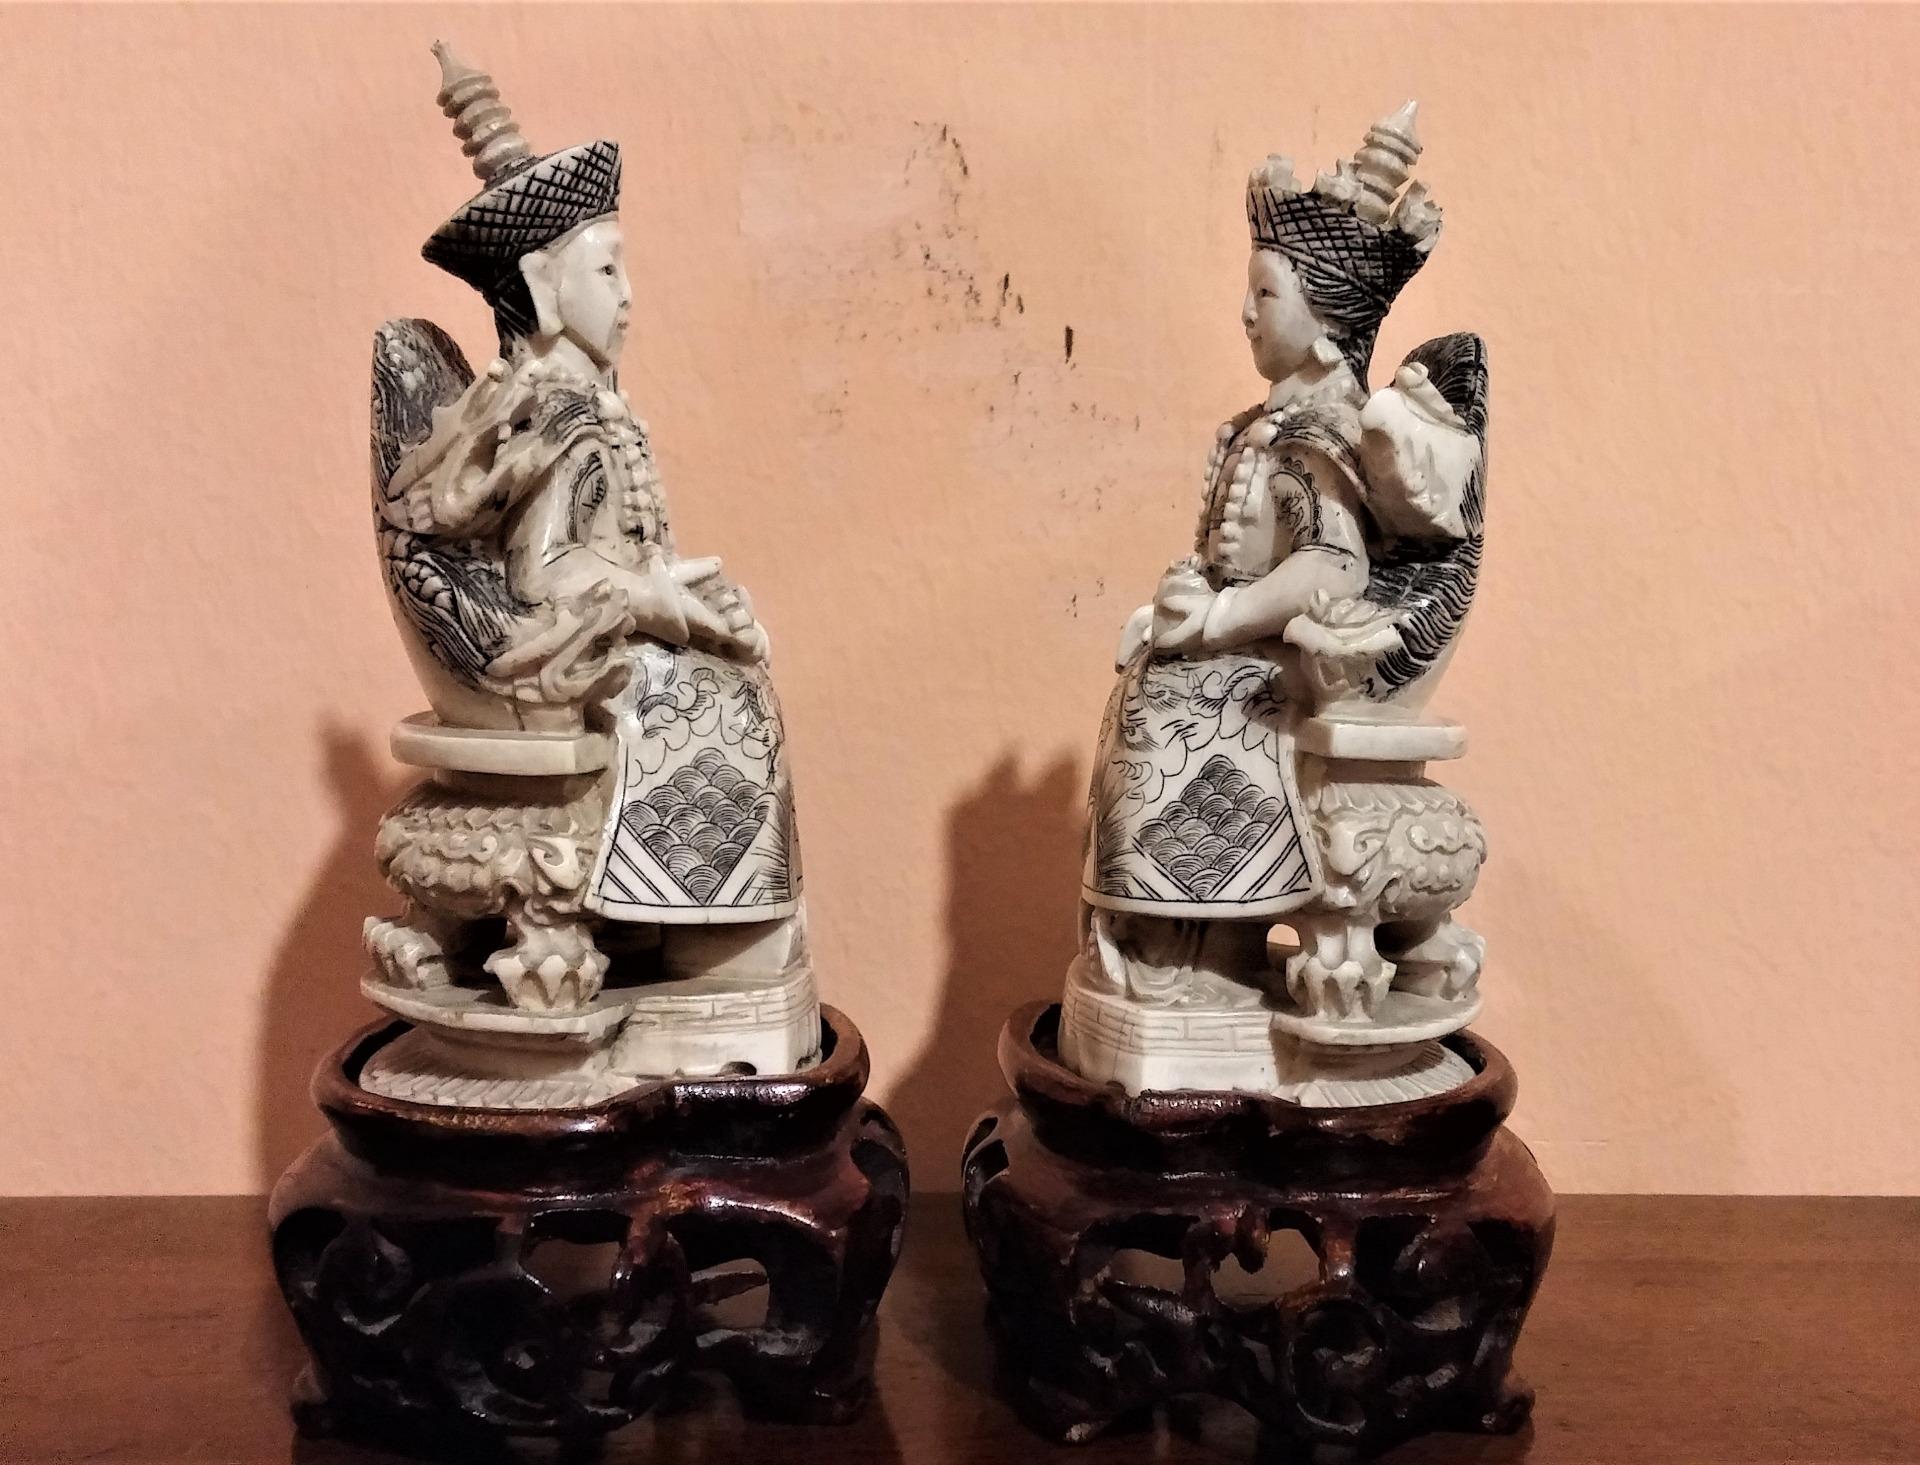 thumb8|Coppia di sculture in avorio, imperatore e imperatrice, fine '800